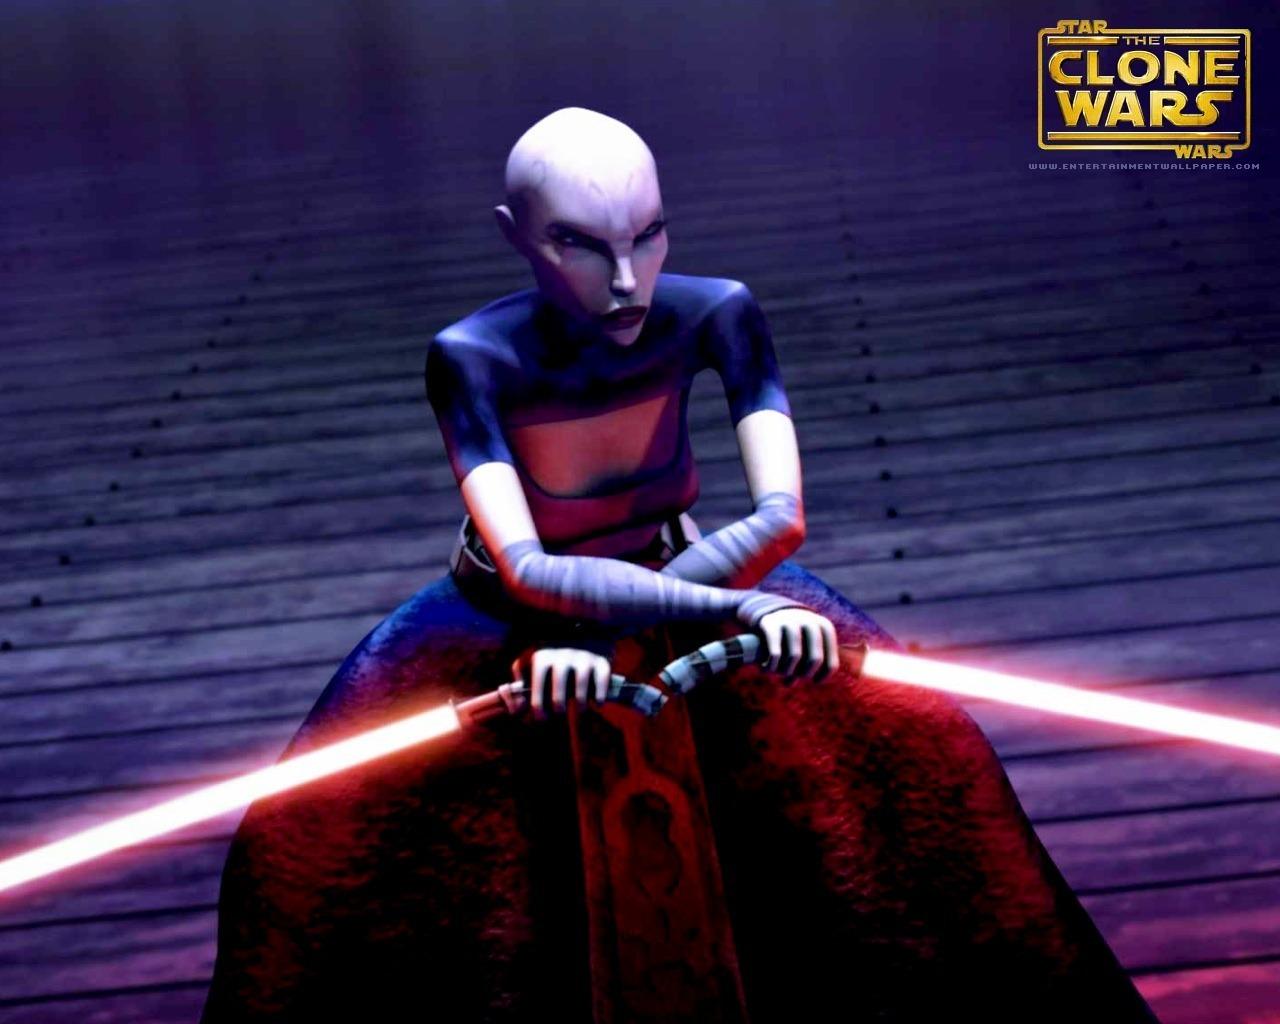 Clone Wars   Star Wars Clone Wars Wallpaper 2951742 1280x1024